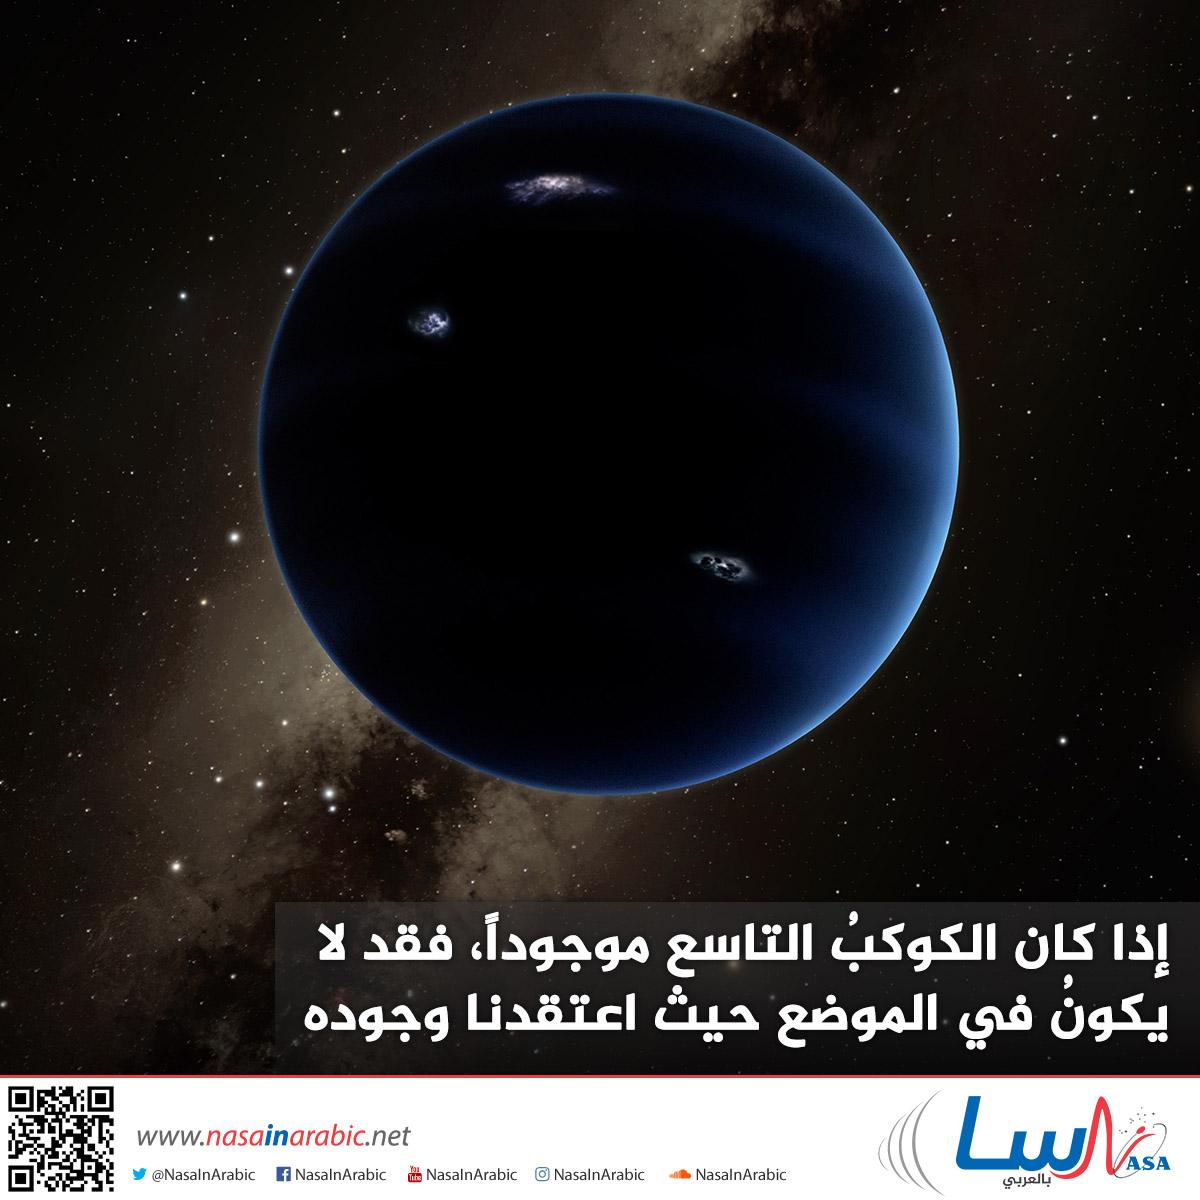 إذا كان الكوكب التاسع موجودا، فقد لا يكون في الموضع حيث اعتقدنا وجوده.